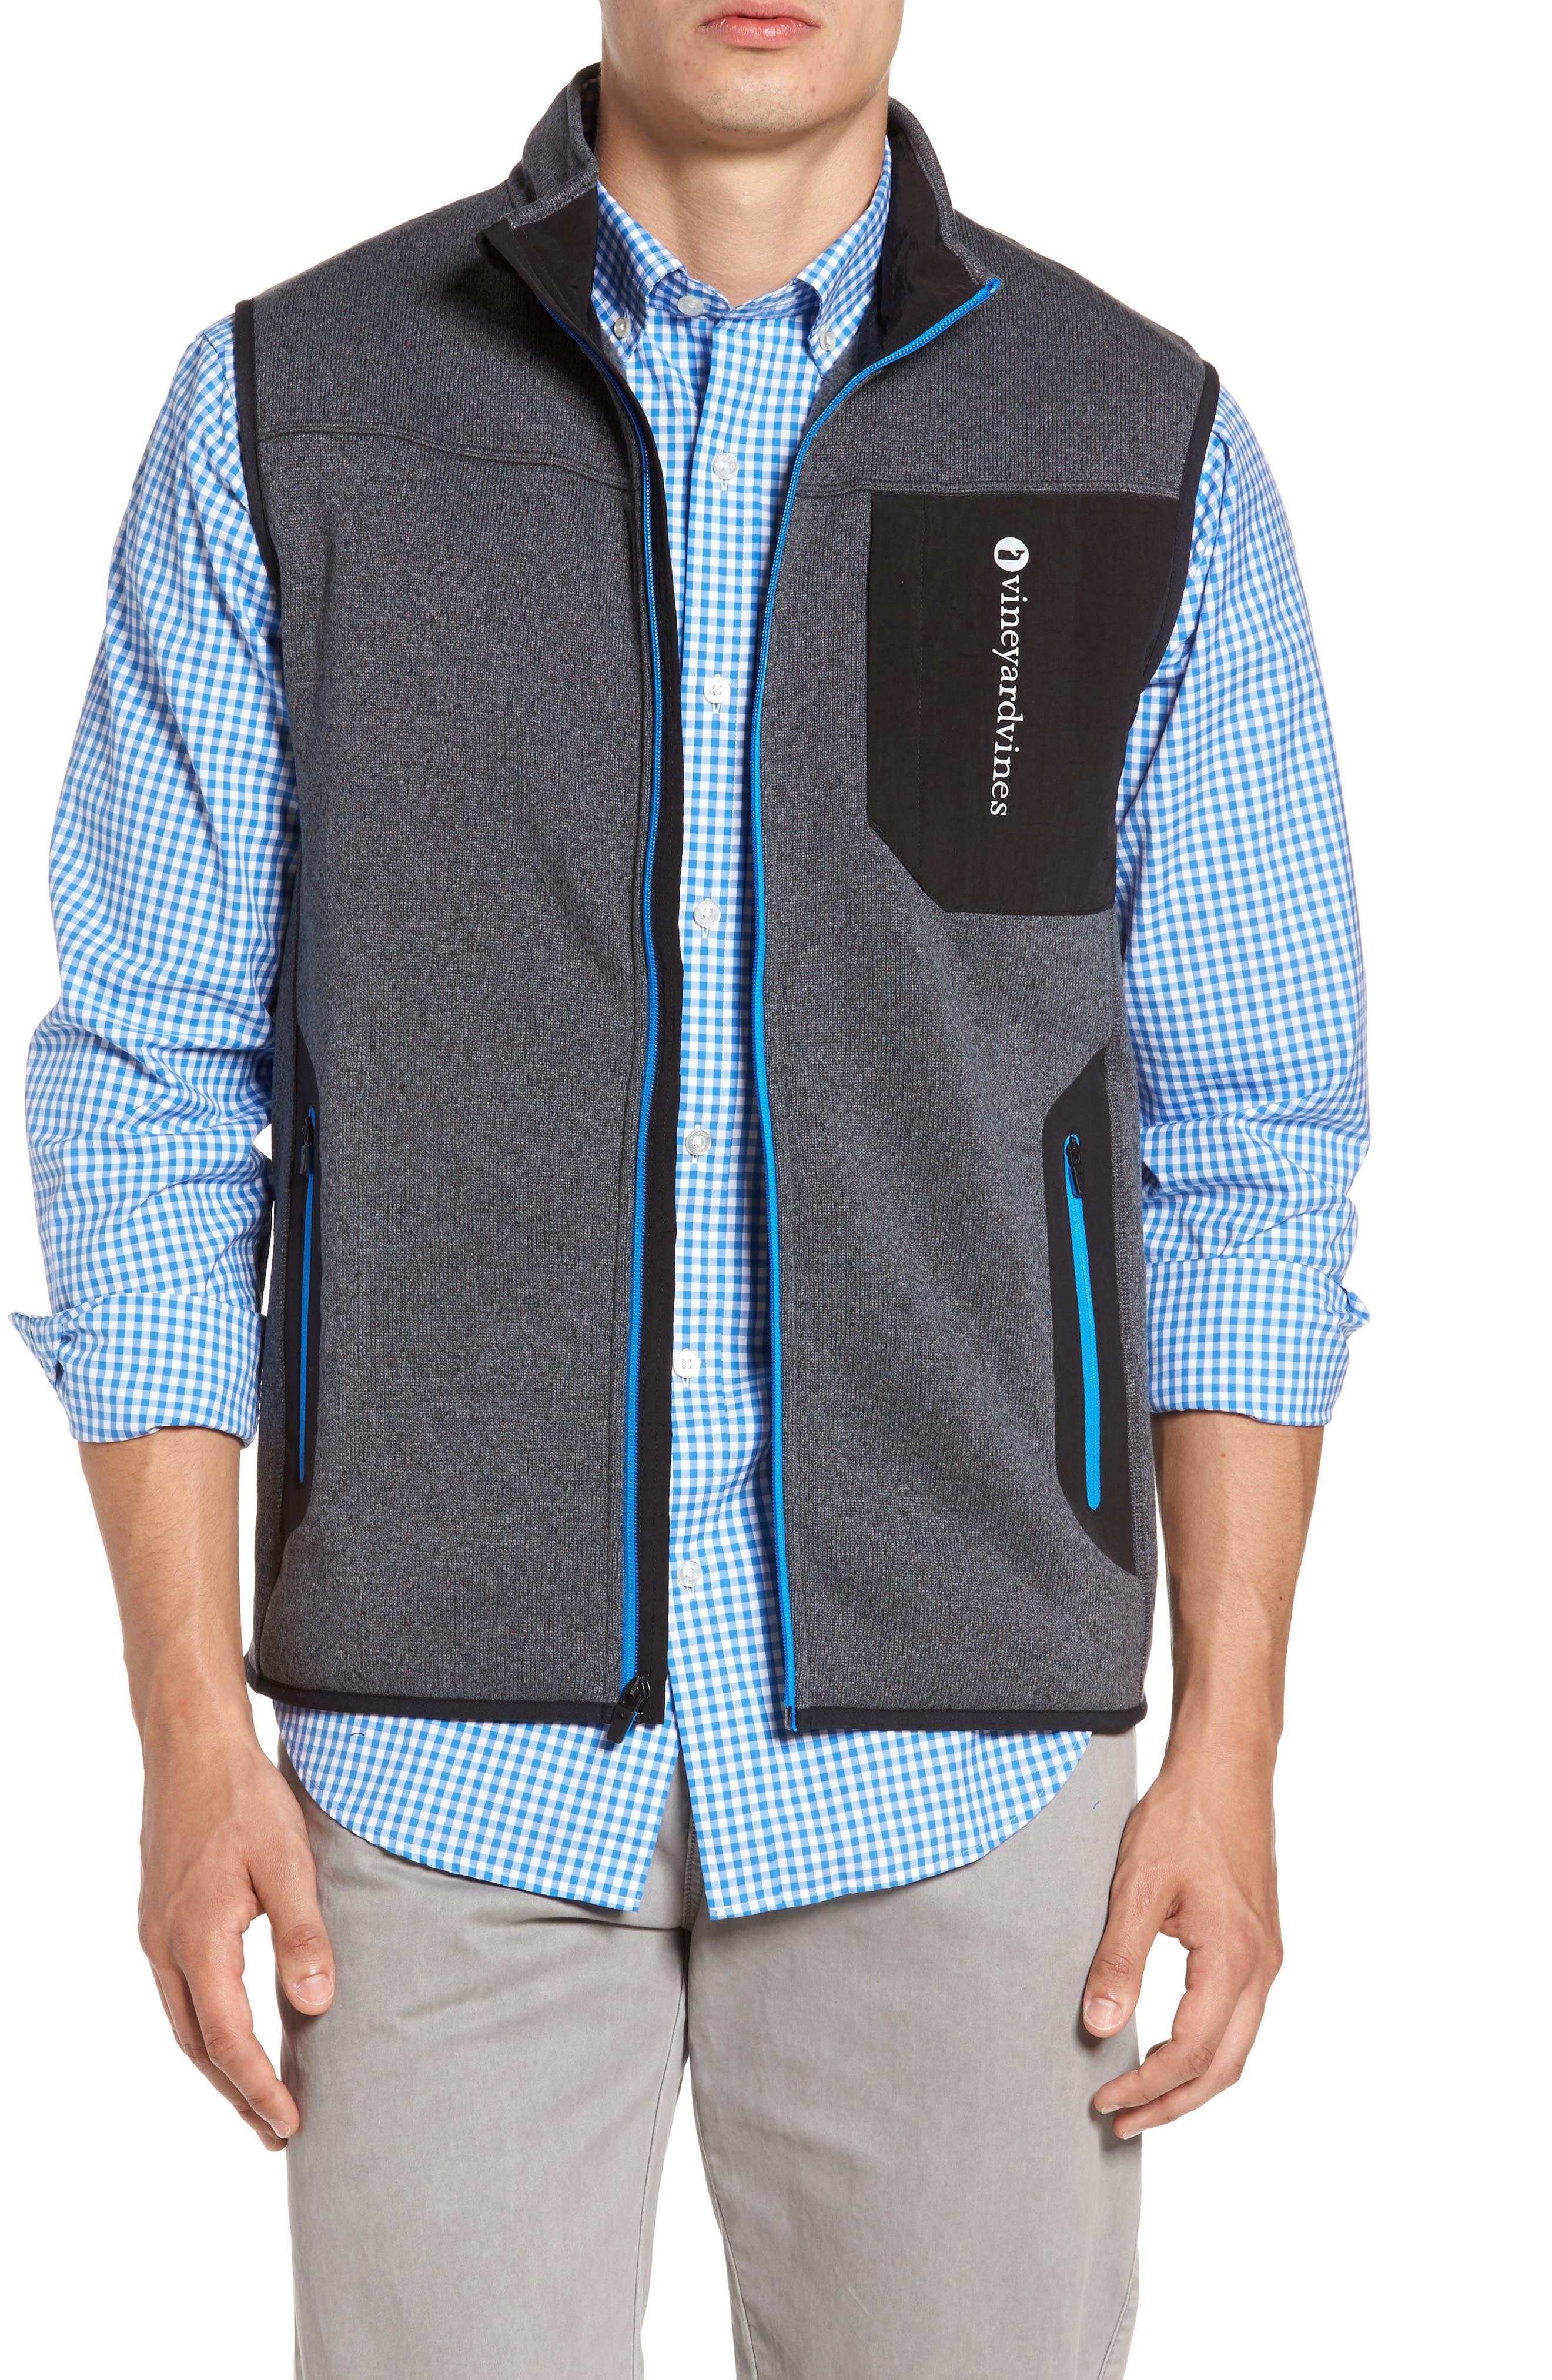 Tech Sweater Fleece Vest,                             Main thumbnail 1, color,                             020